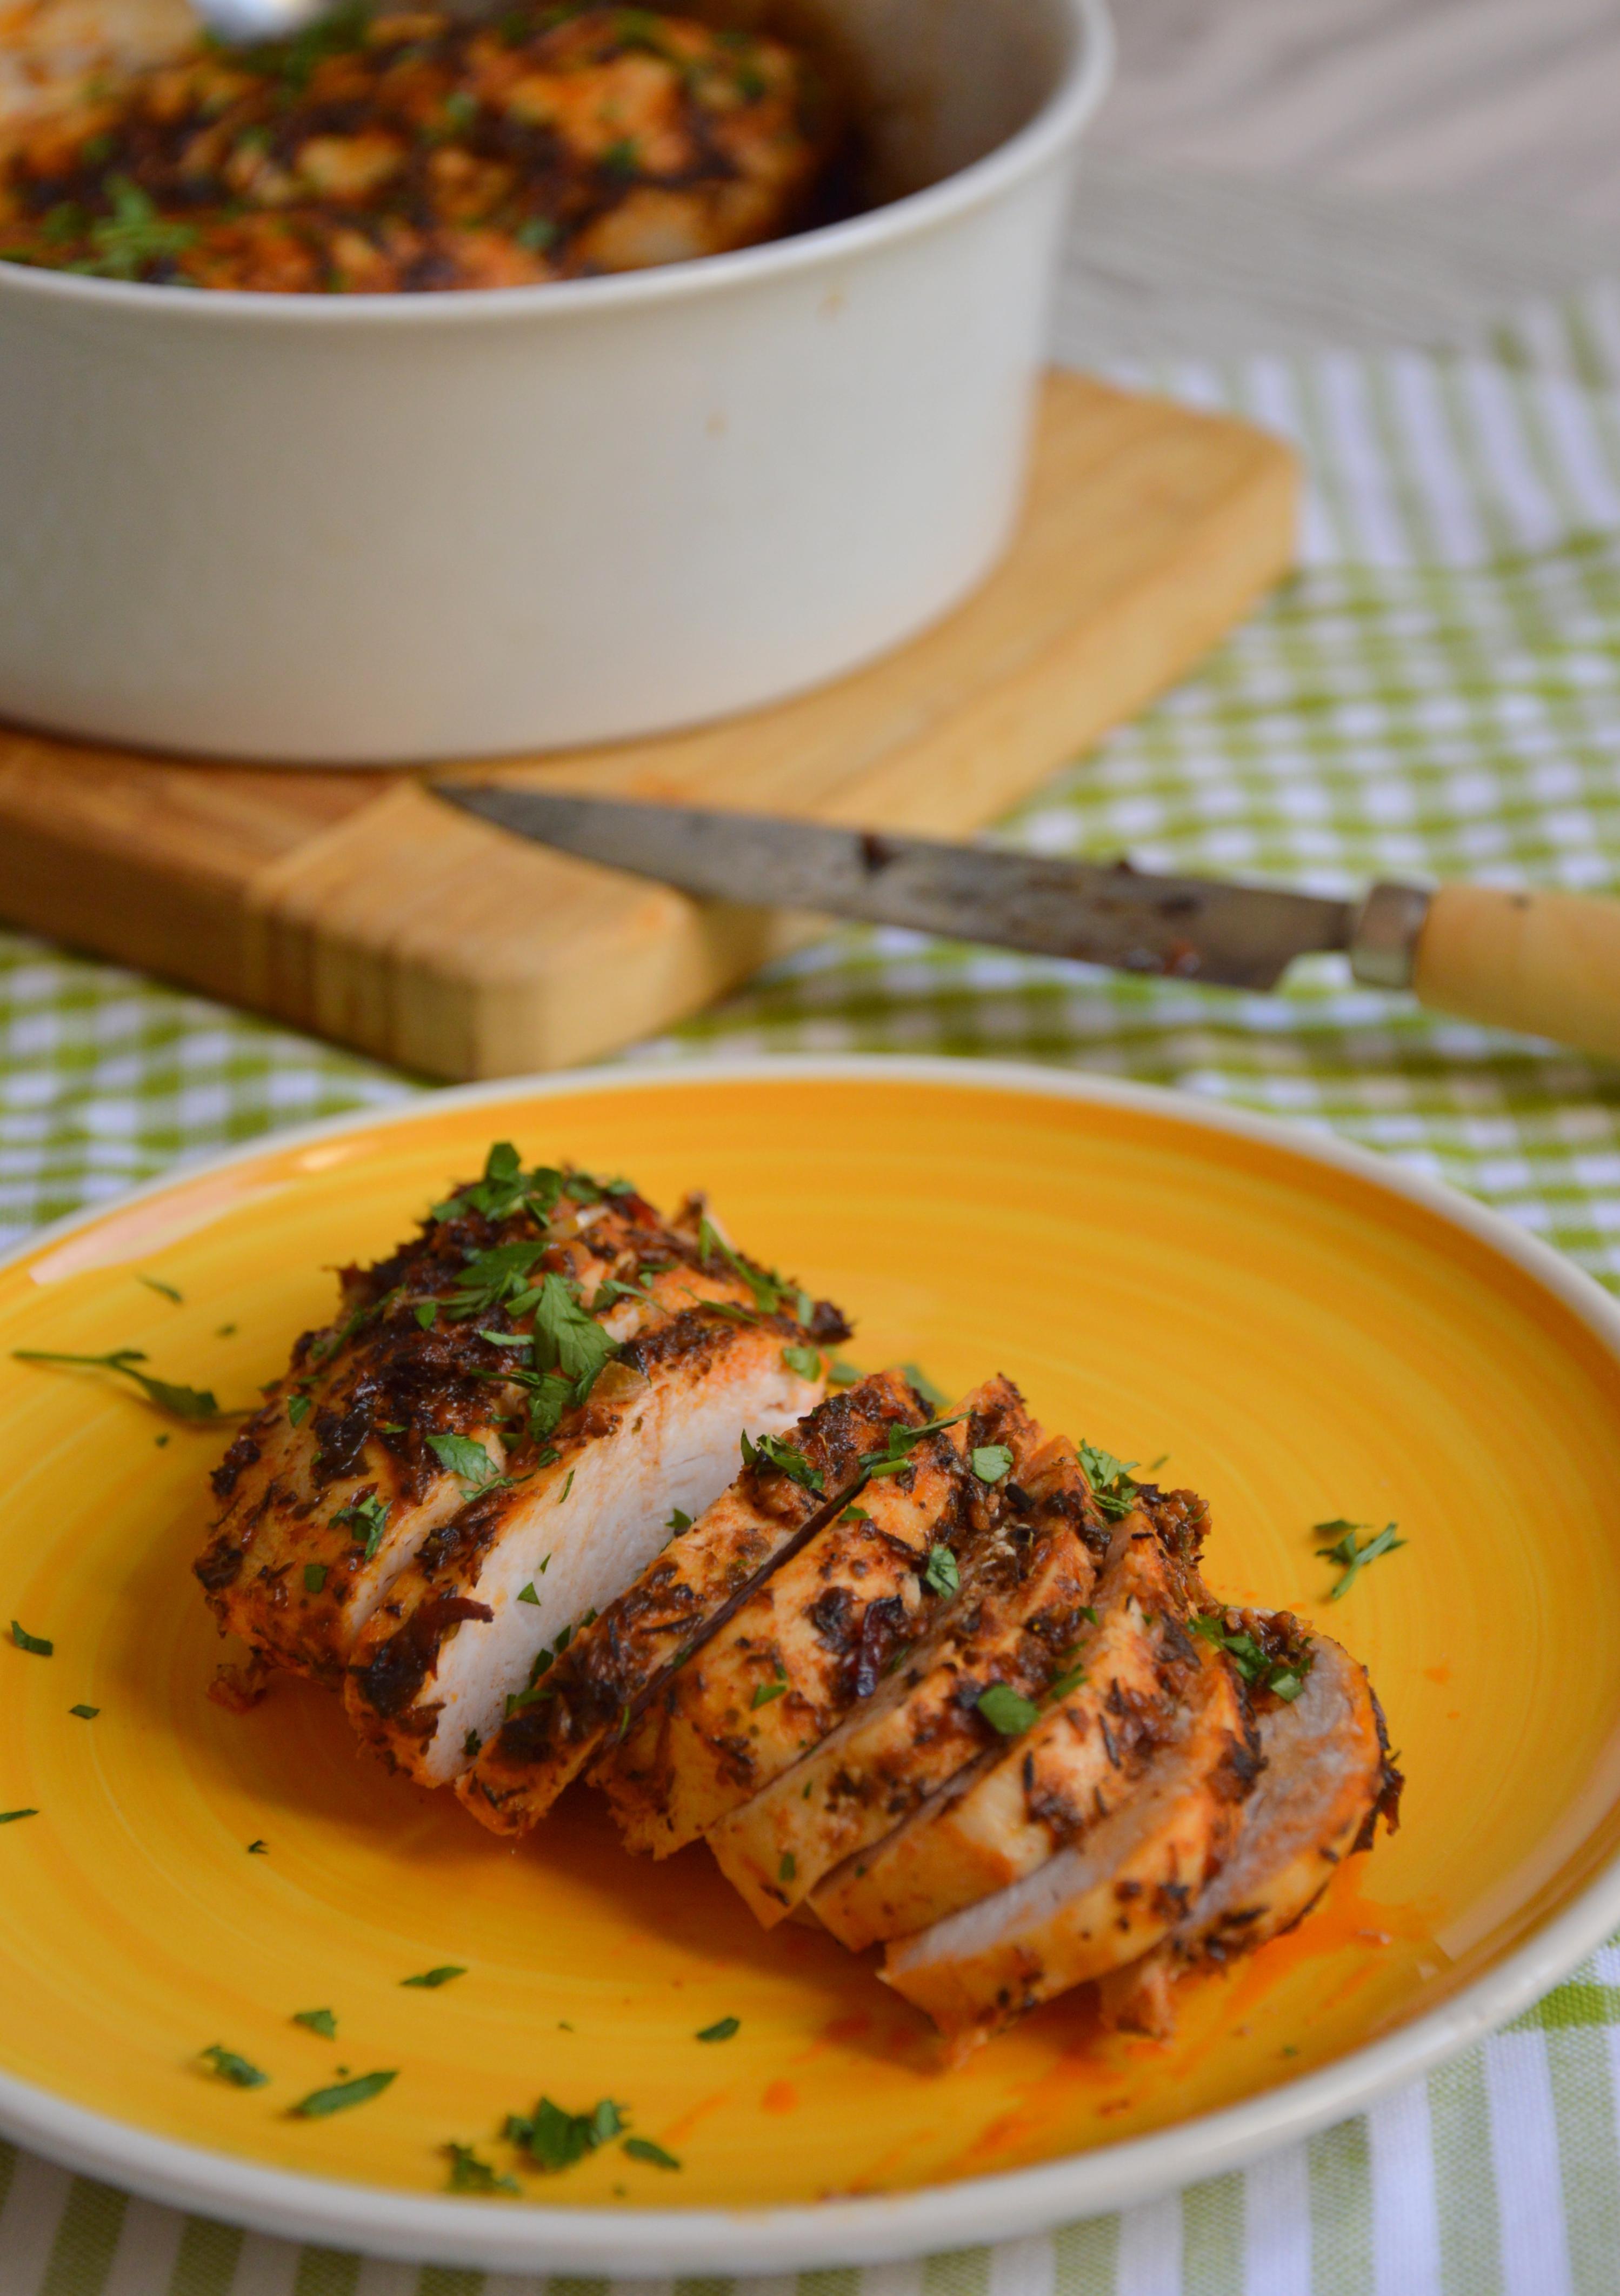 Pechugas de pollo asadas con chimichurri